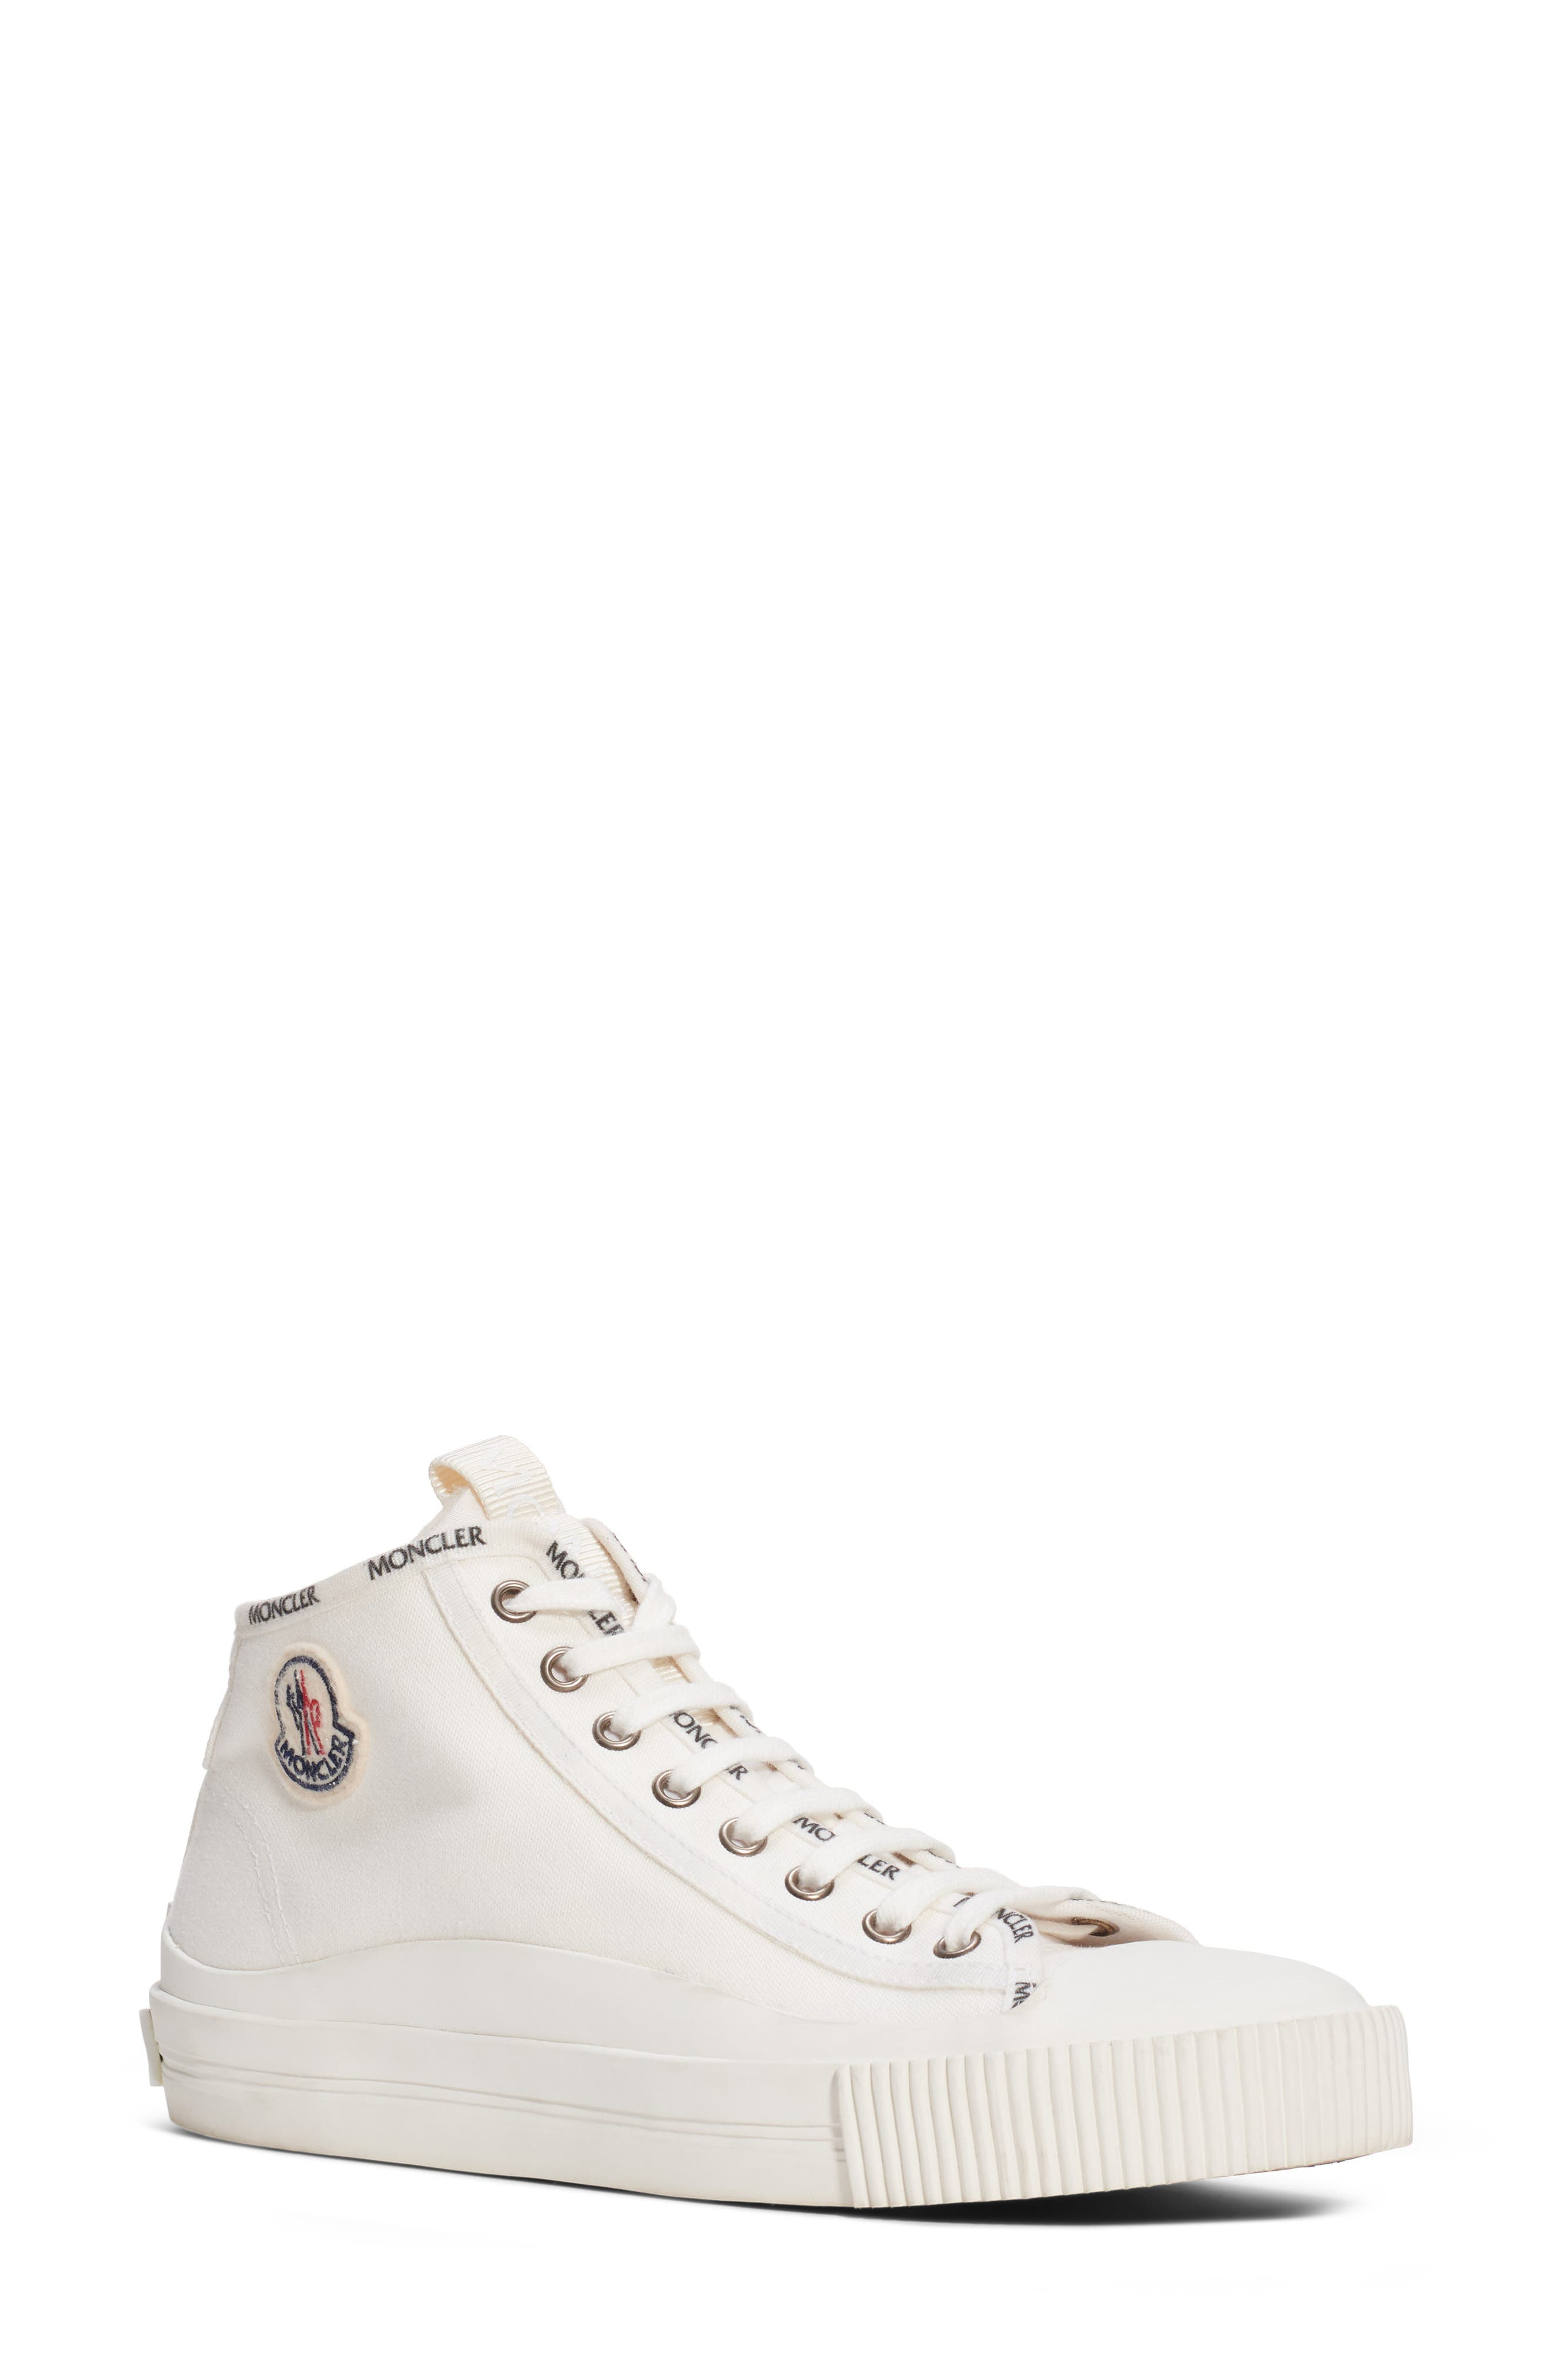 Women's Moncler Lissex High Top Sneaker